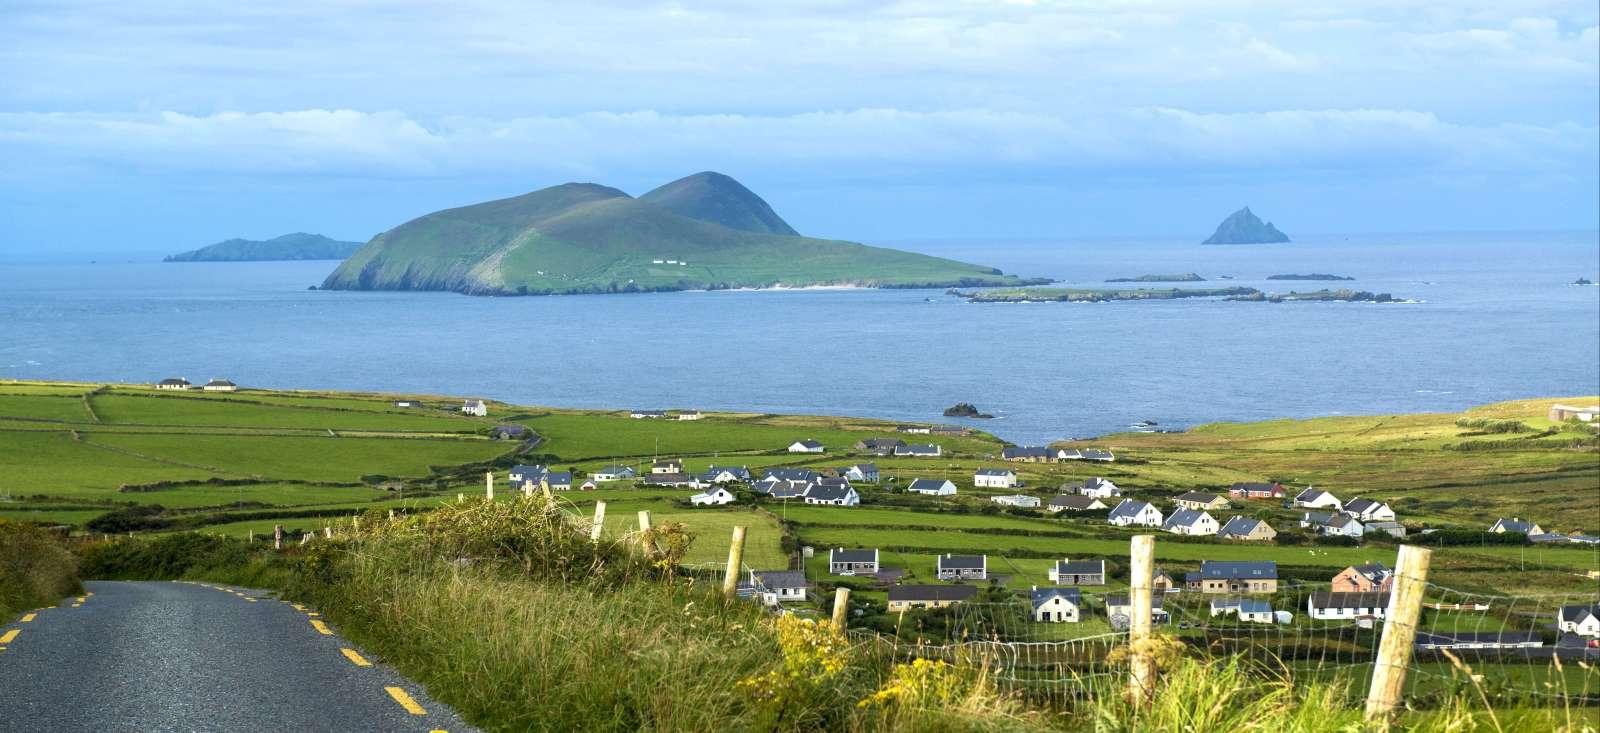 Voyage à pied Irlande : De la péninsule de Dingle aux îles Skellig